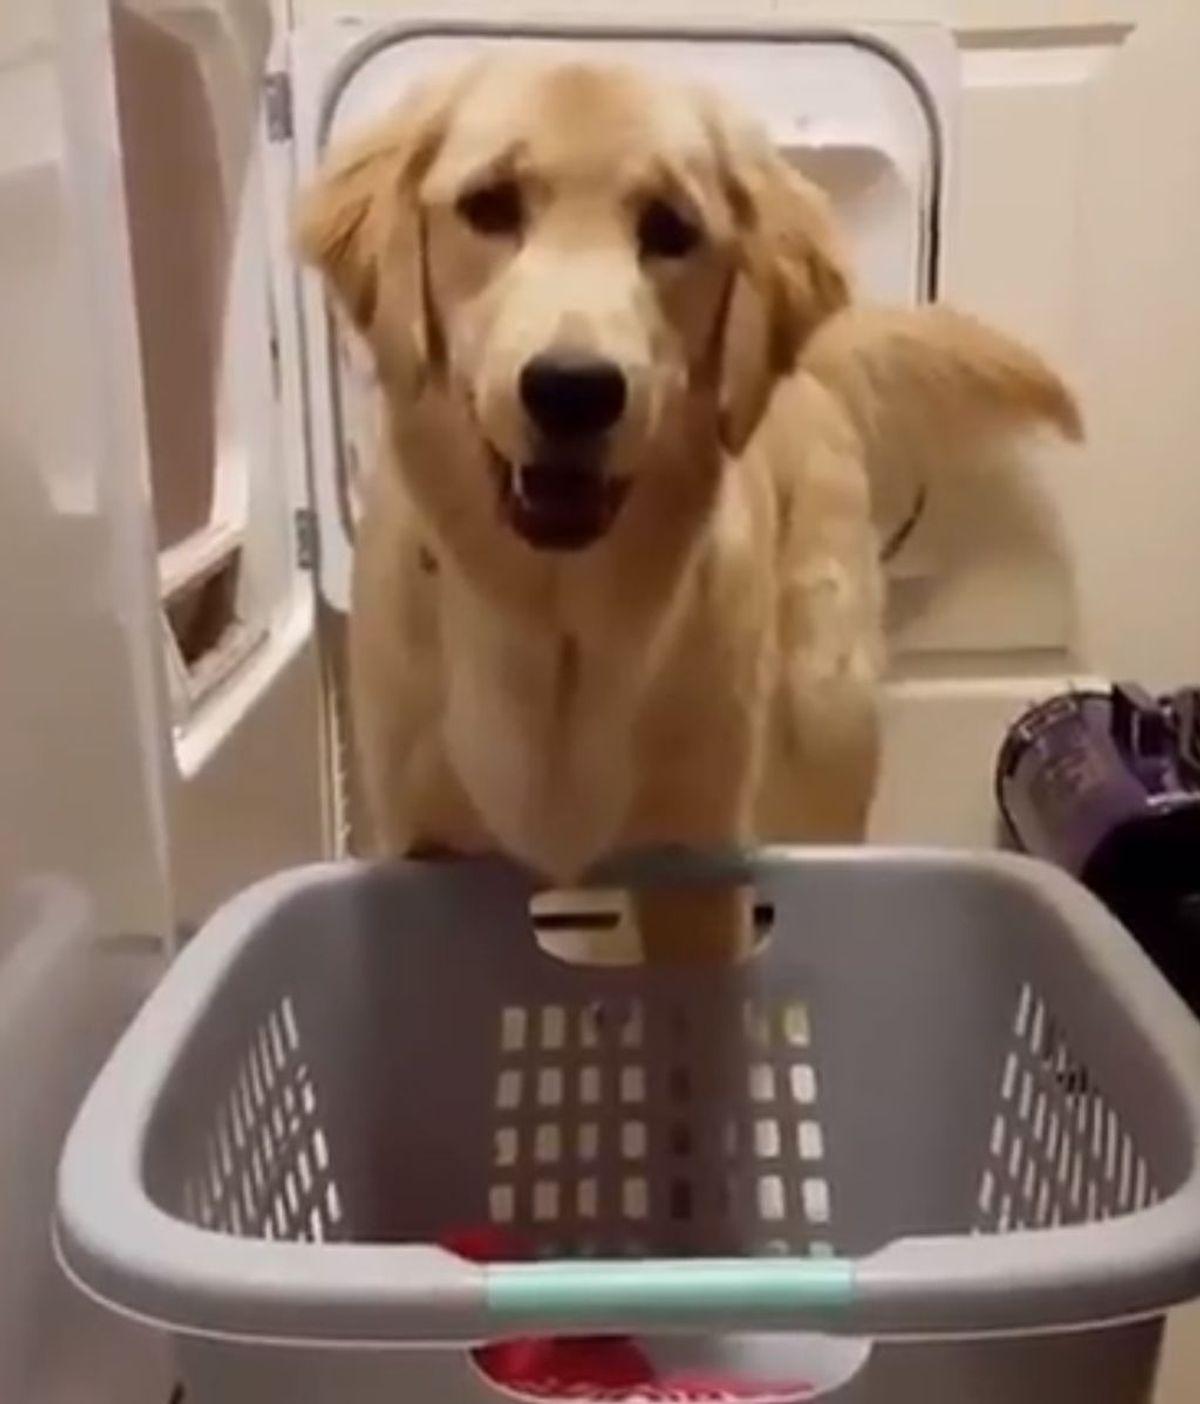 No sabemos si este perrete estropeó la colada o ya estaba así cuando él llegó